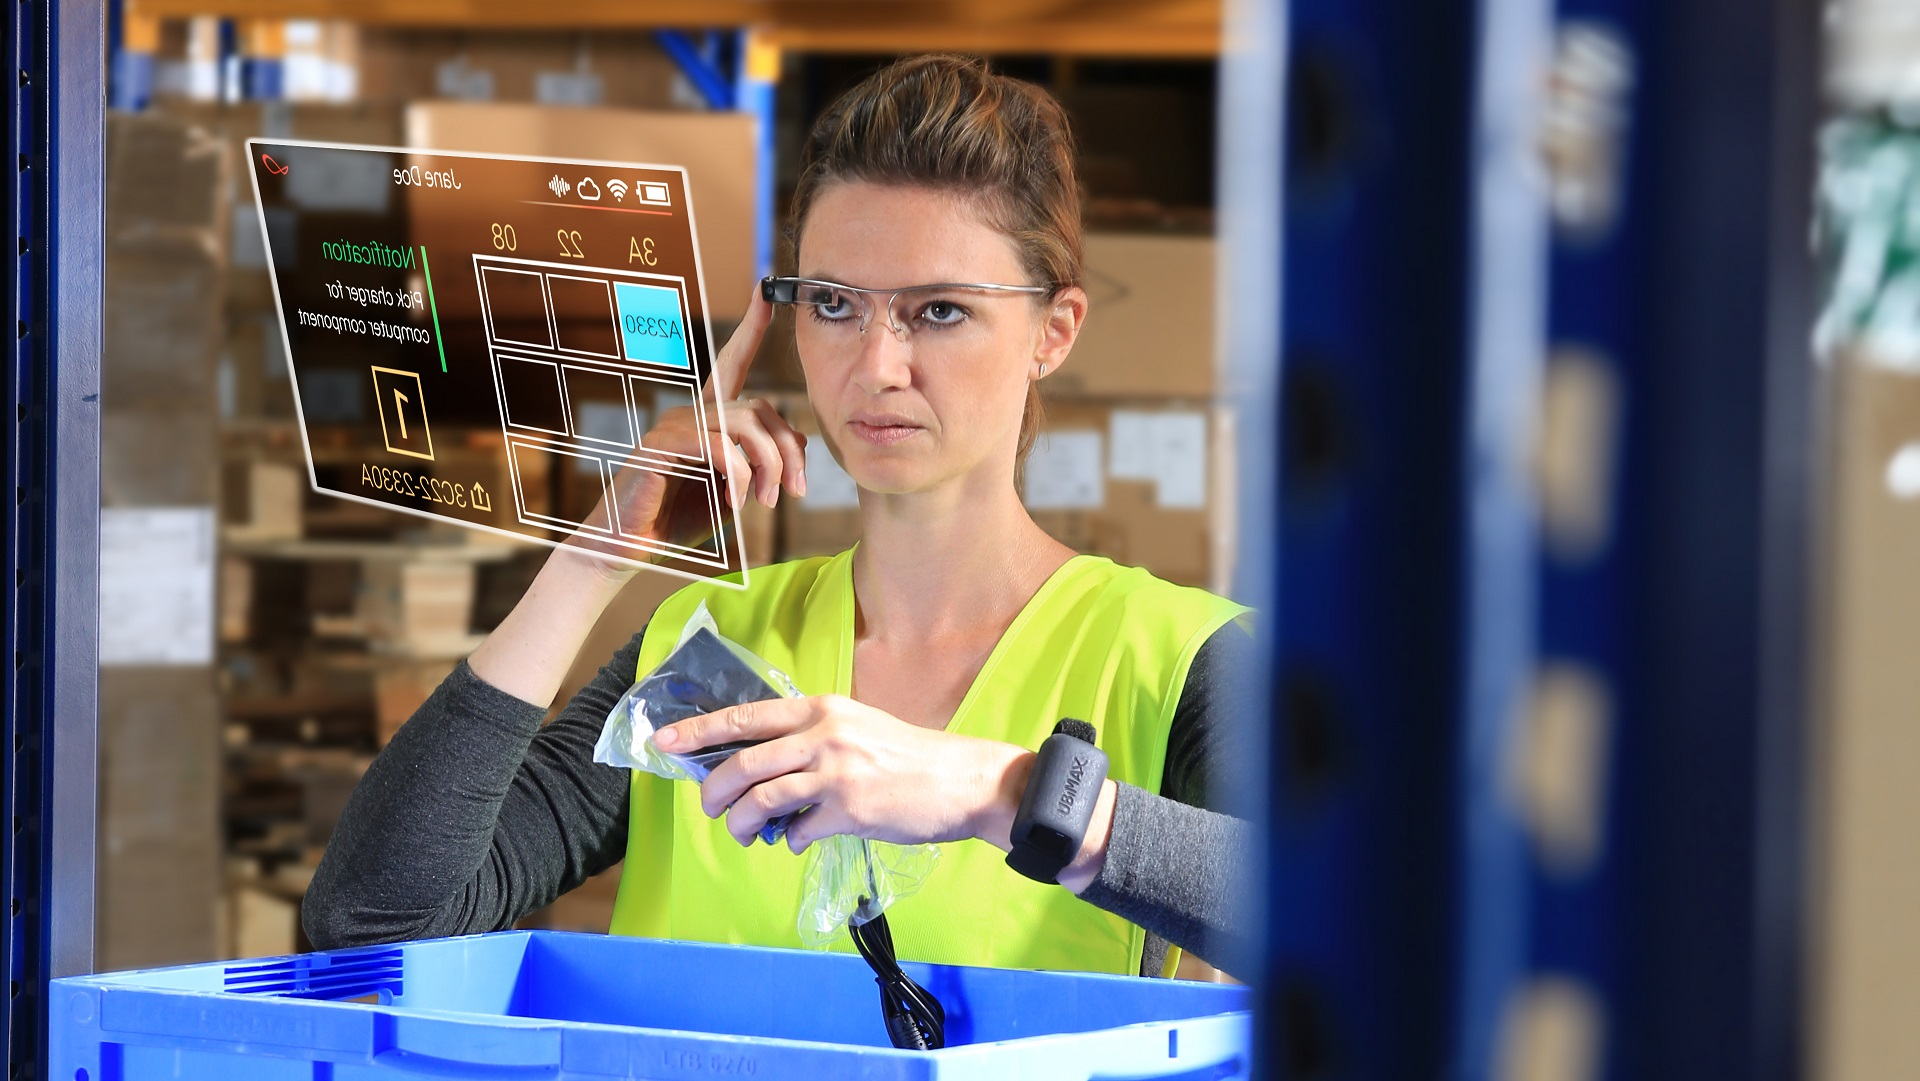 FastTrack Order Picking vereinfacht so eine schnelle Skalierung. (Bild: Ubimax GmbH)